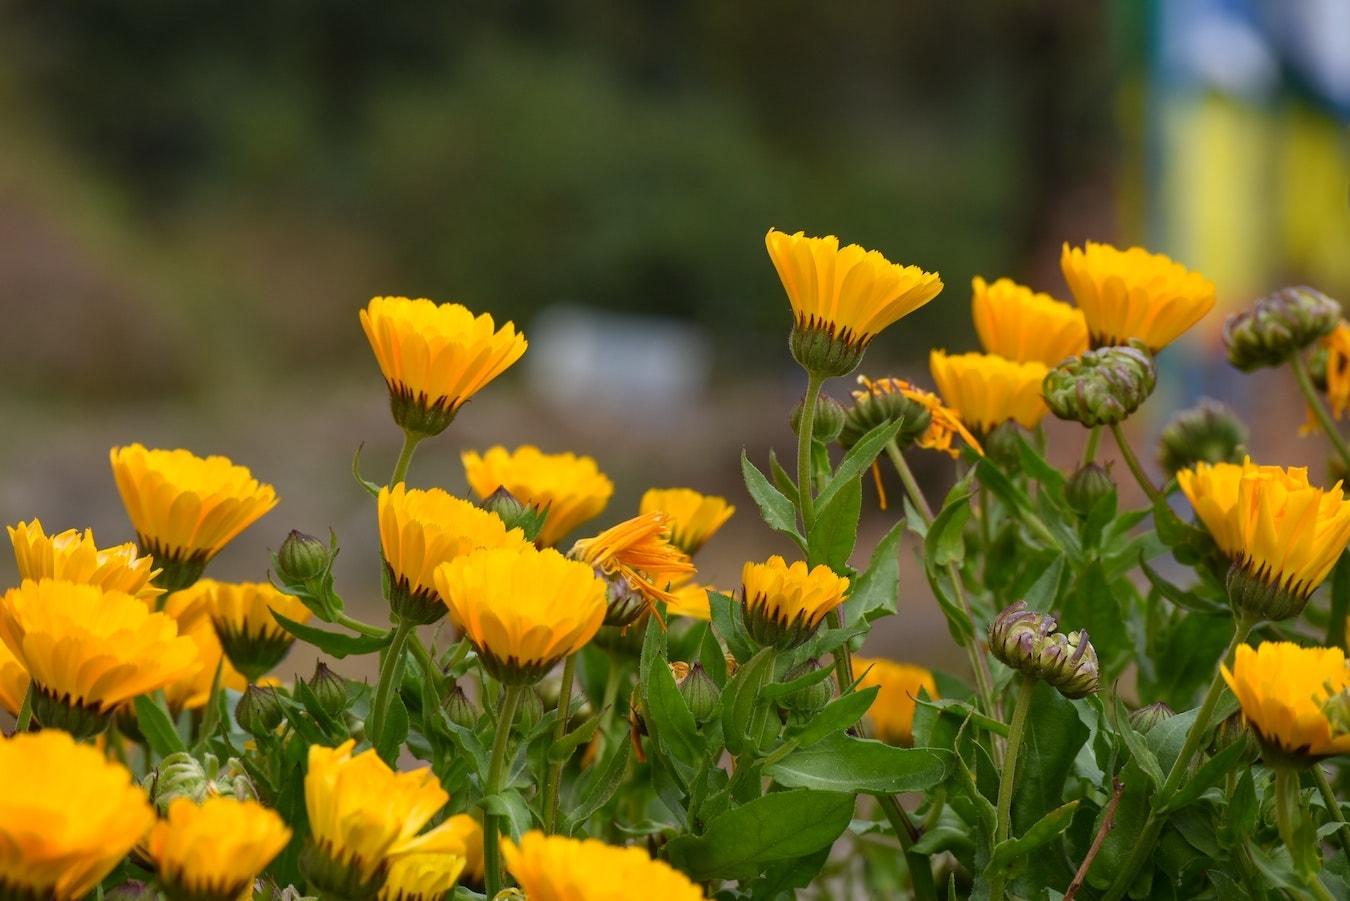 viele Ringelblumen zur Herstellung von Ringelblumenöl